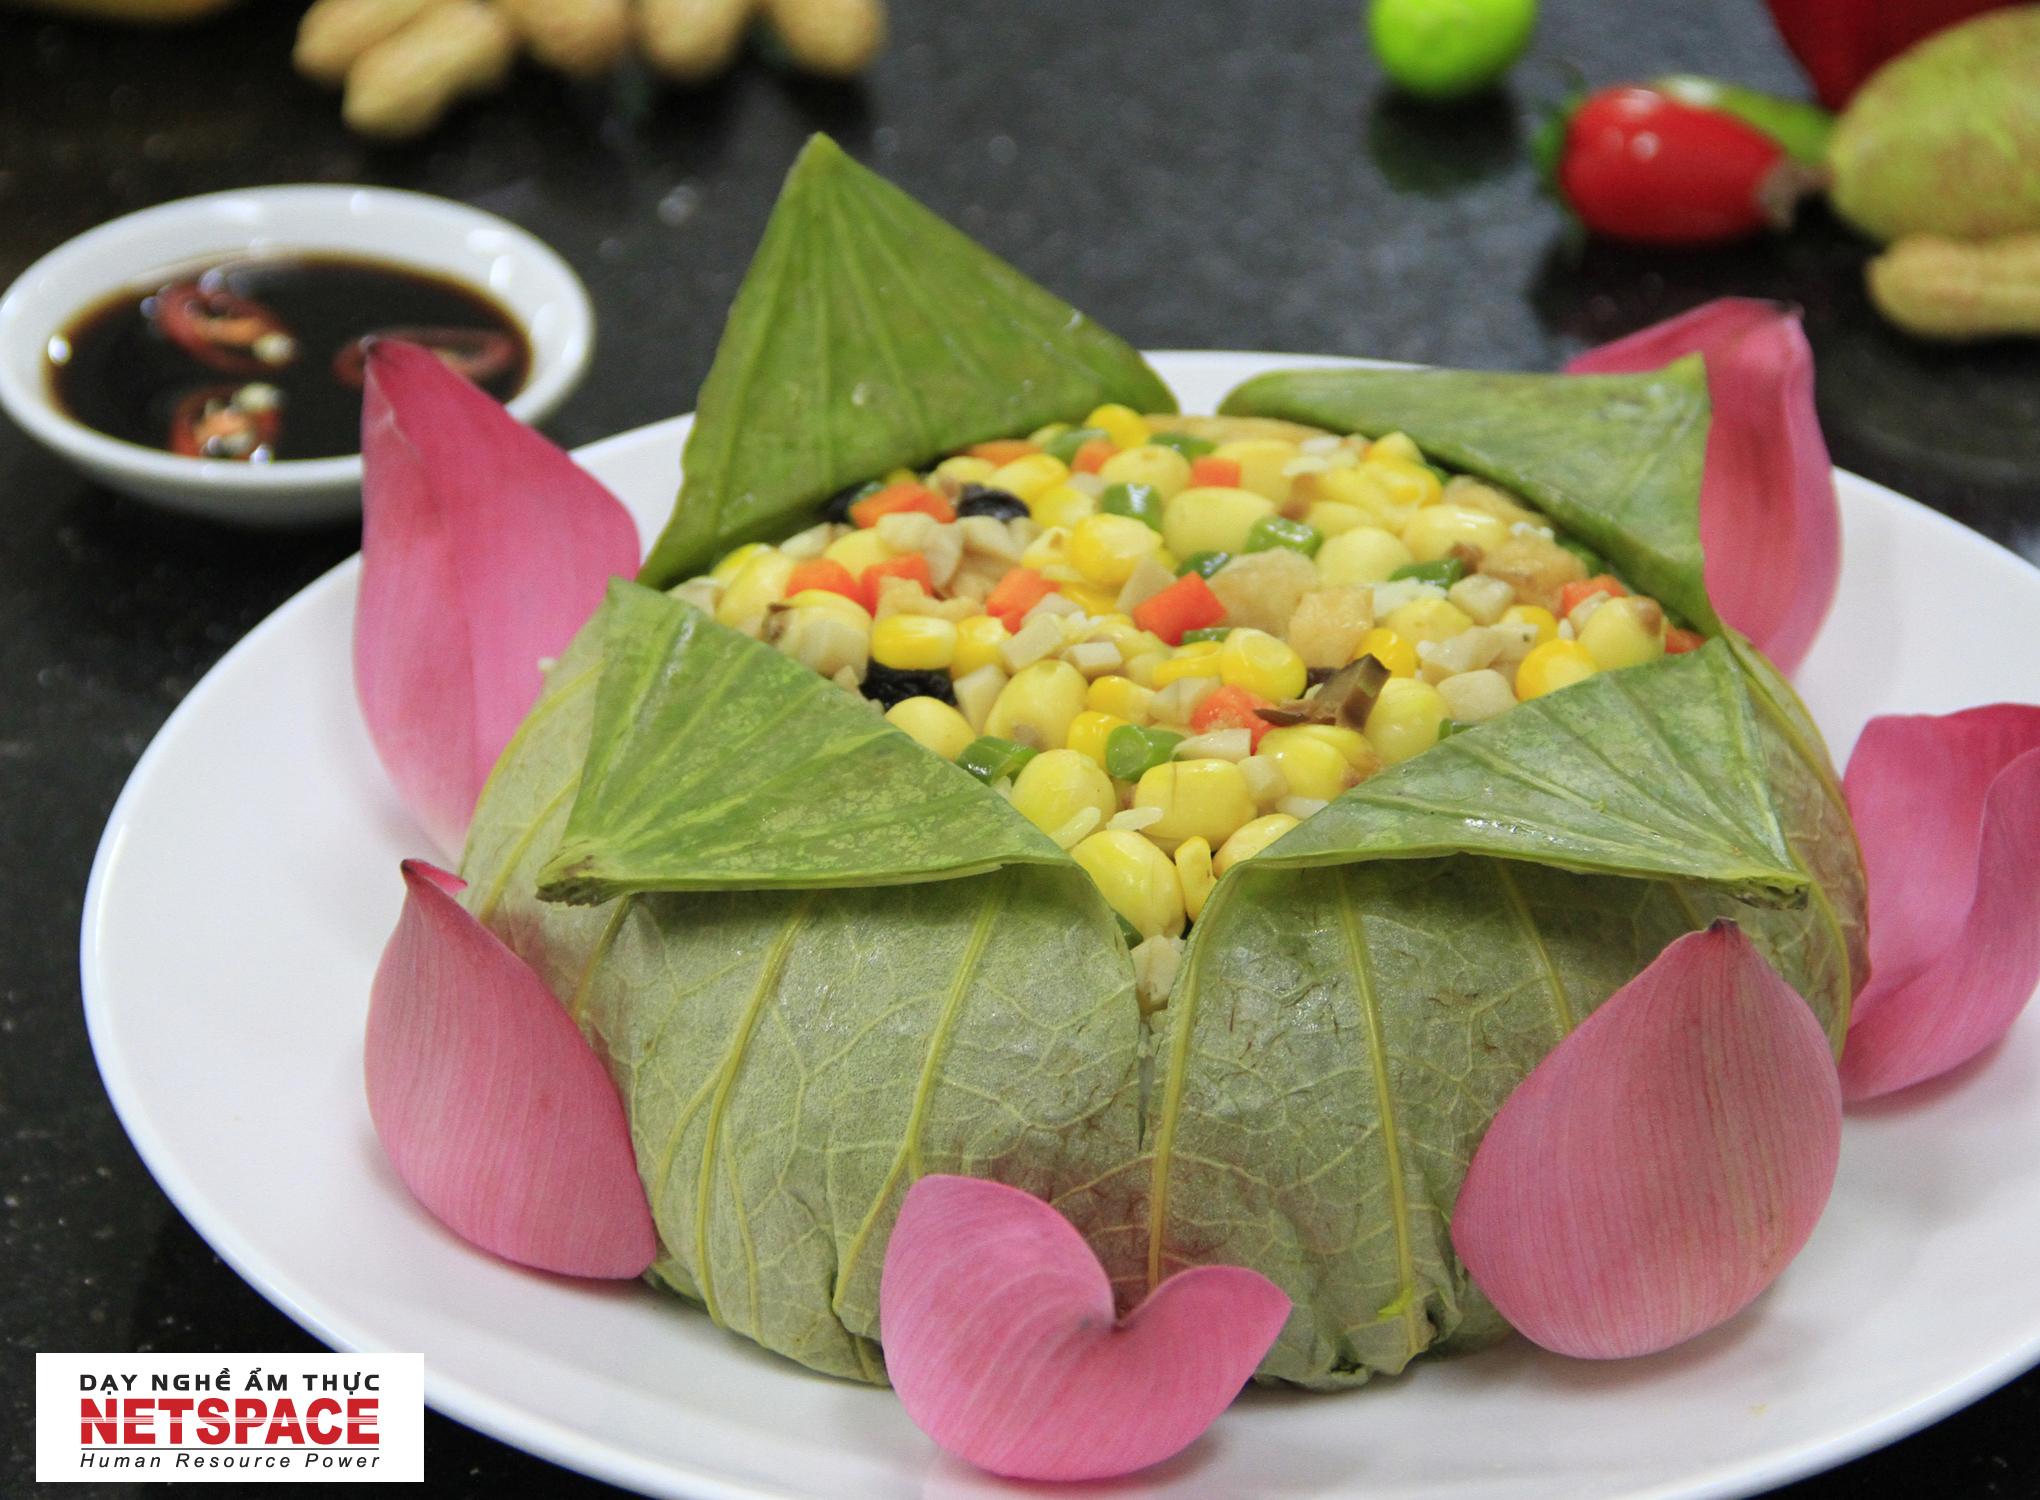 hoc mon chay 712 | Ănchay.vn : Ăn Chay, Công Thức Nấu Món Chay & Địa Điểm Ăn Chay